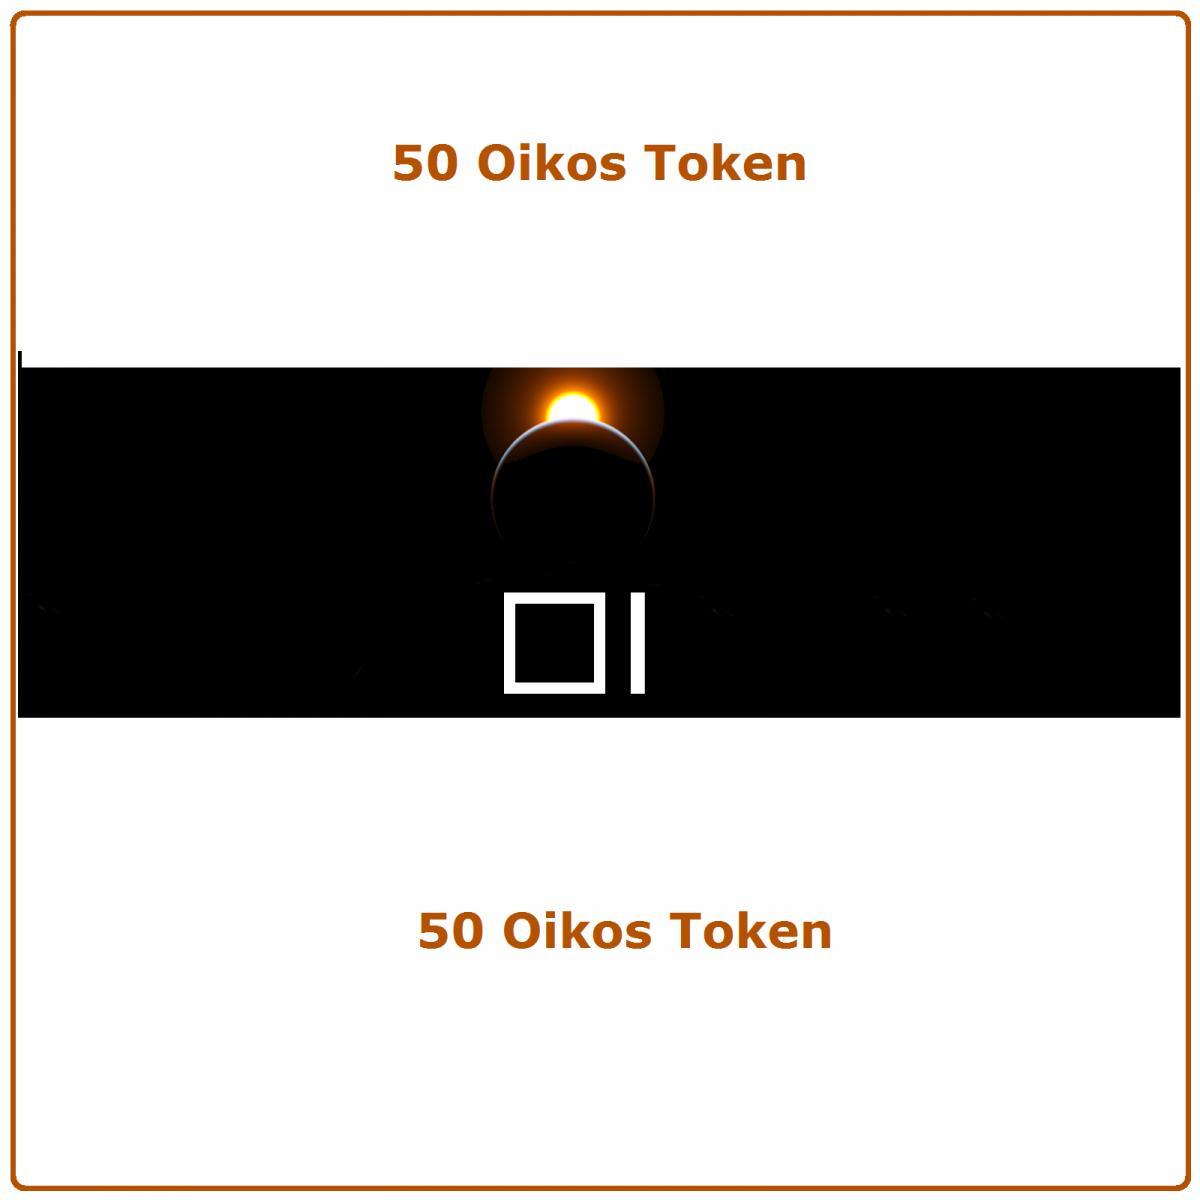 50 Oikos (OKS) Mining Contract